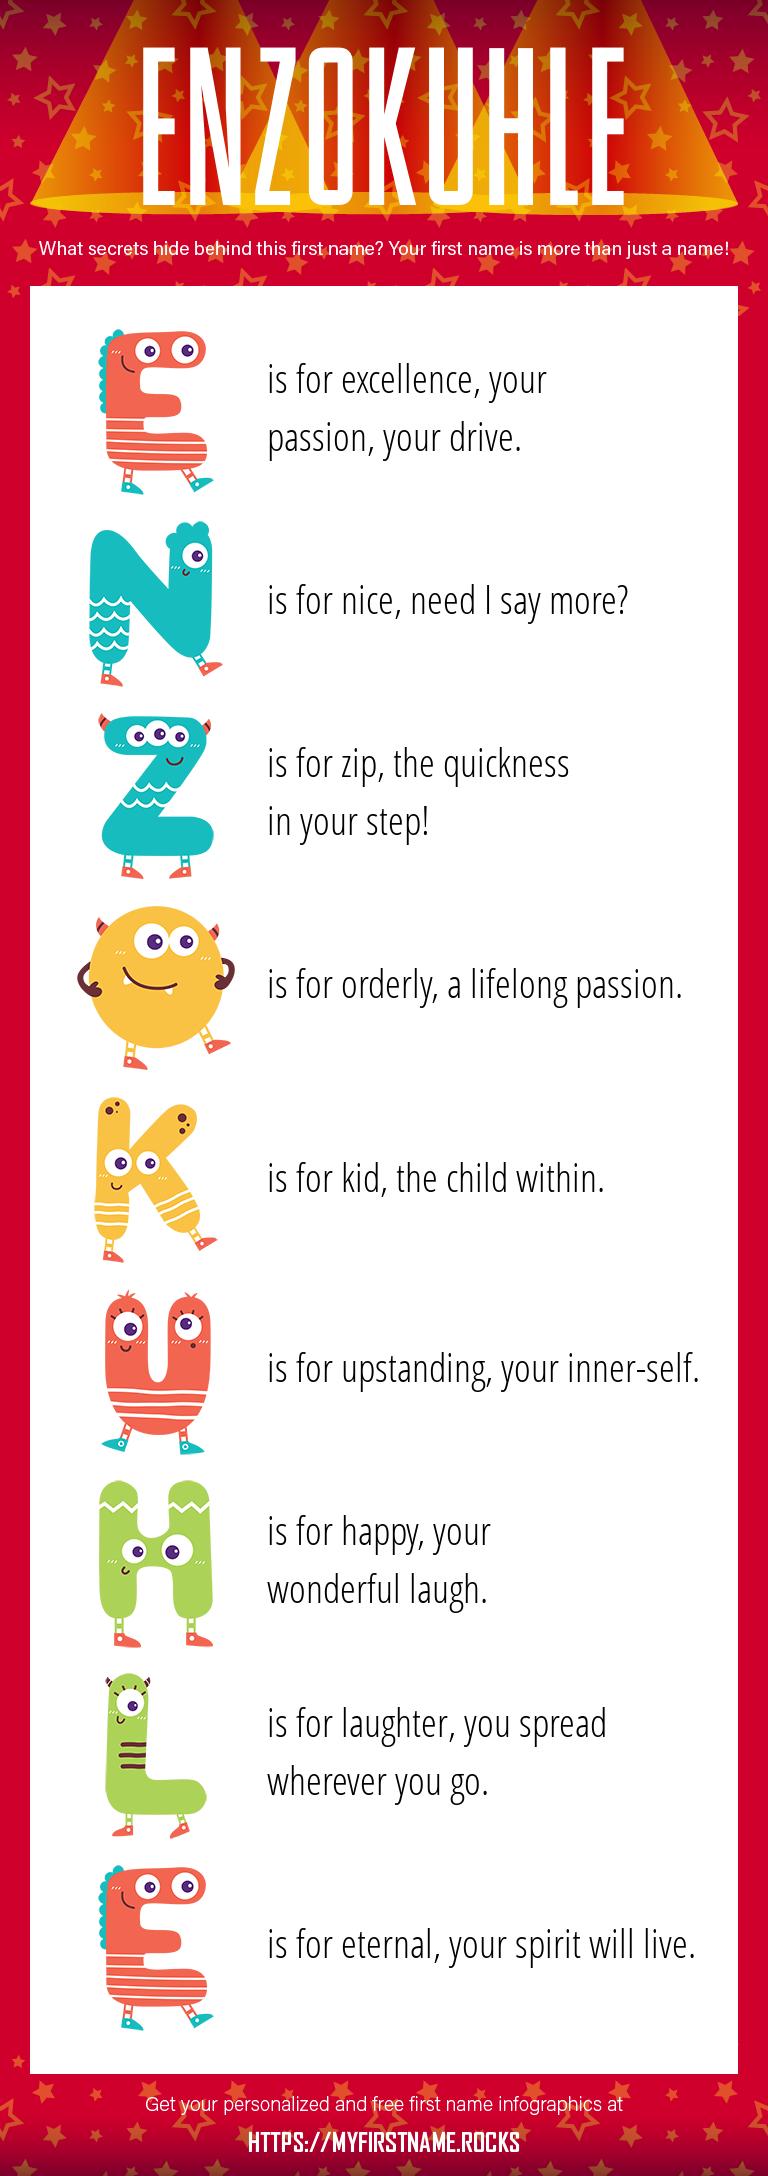 Enzokuhle Infographics